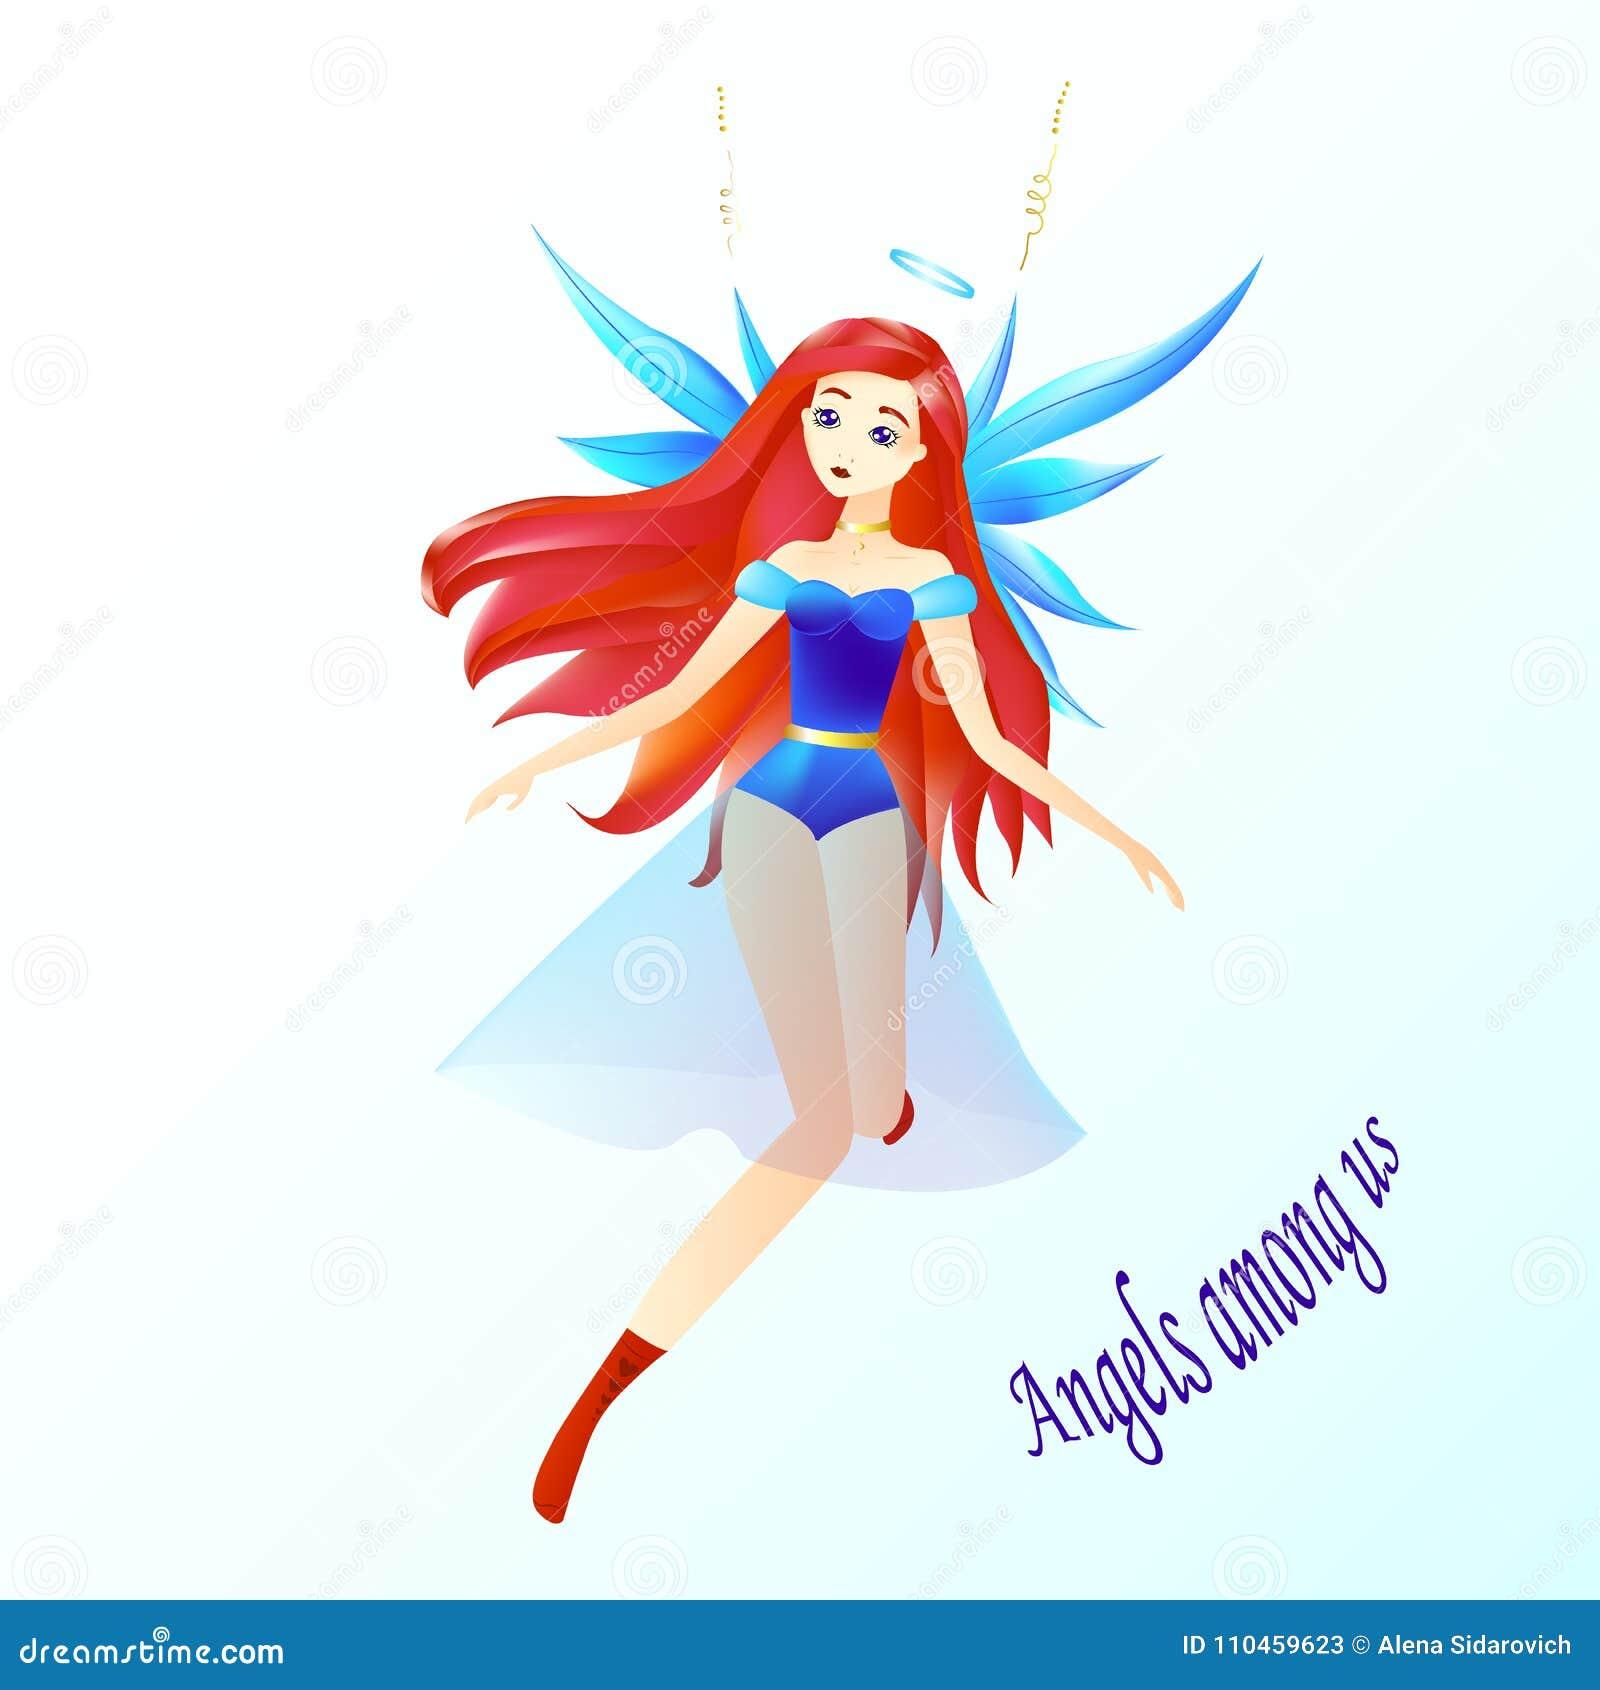 En ängel, en flicka med rött hår, en gloria och en blått påskyndar, änglar